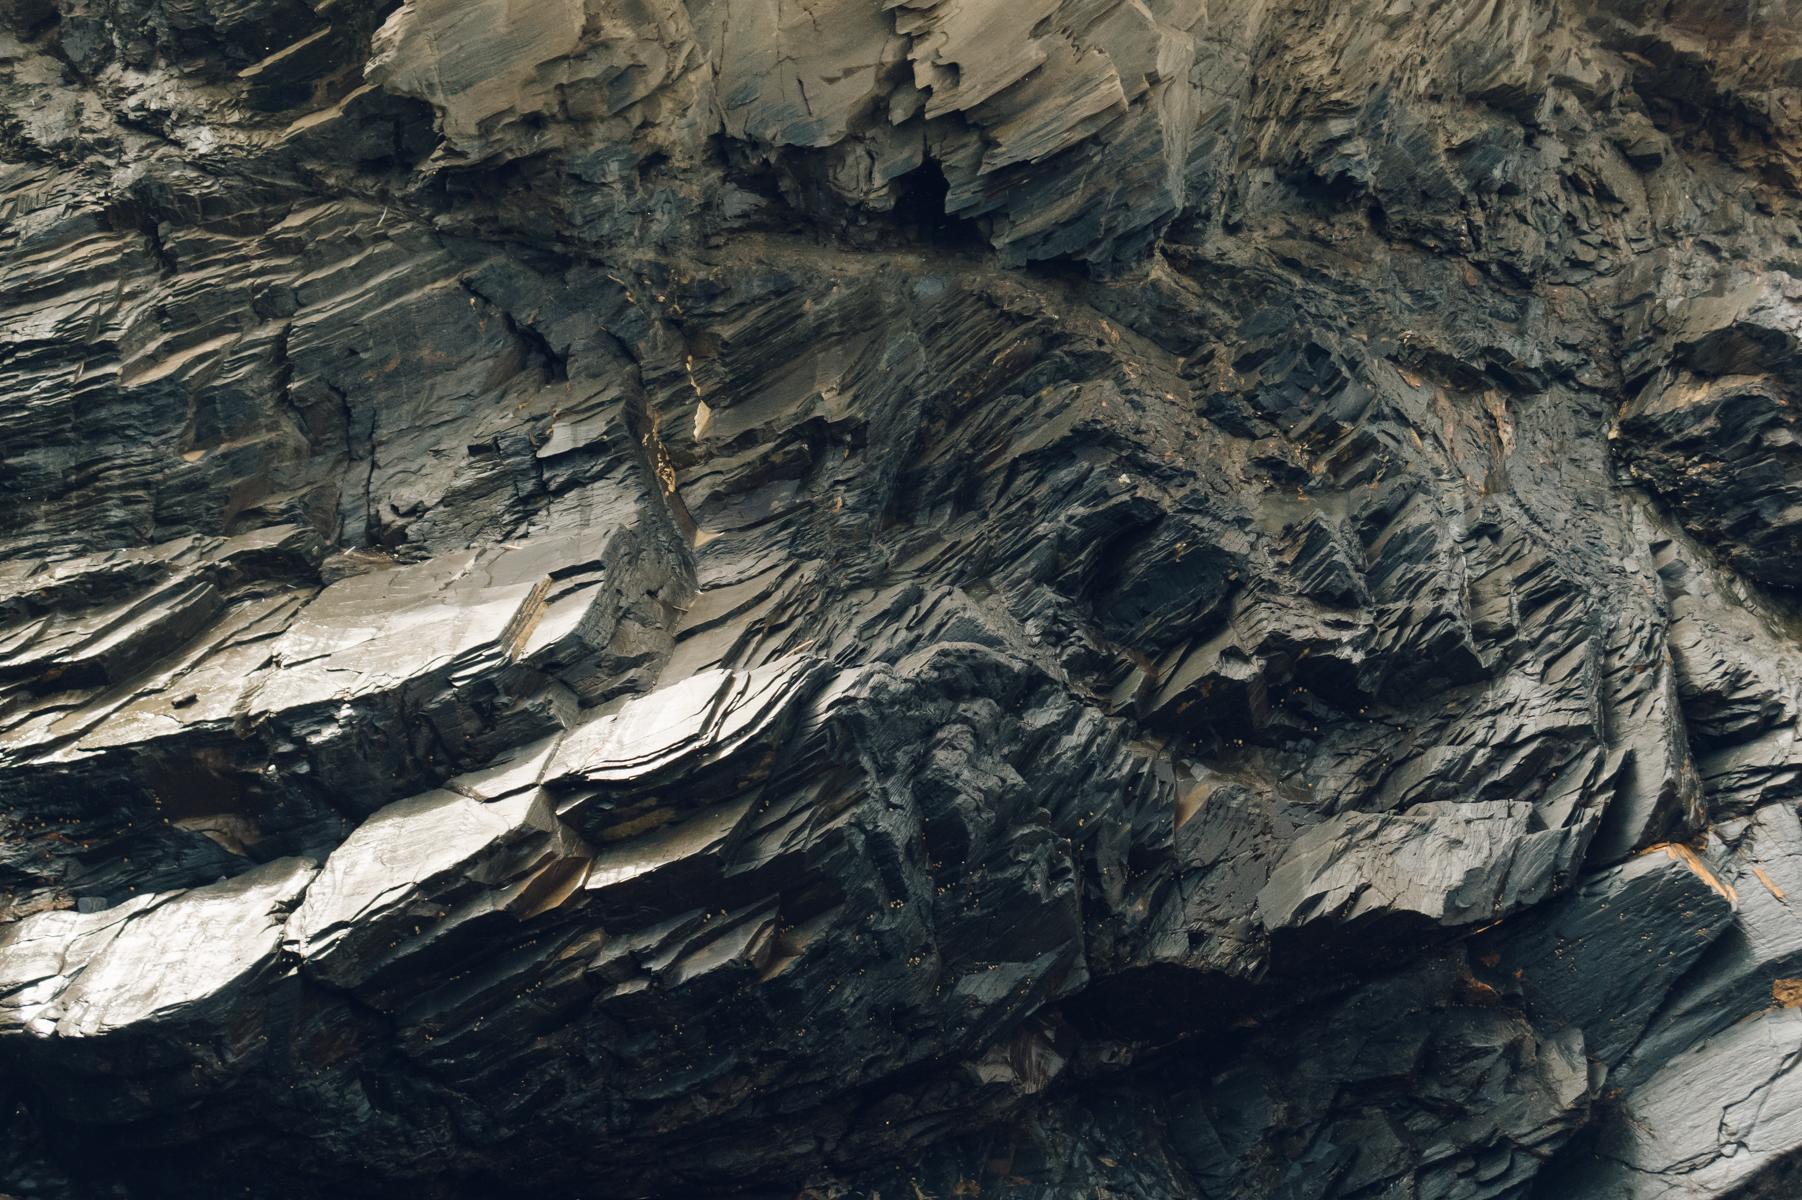 Dark rockface.